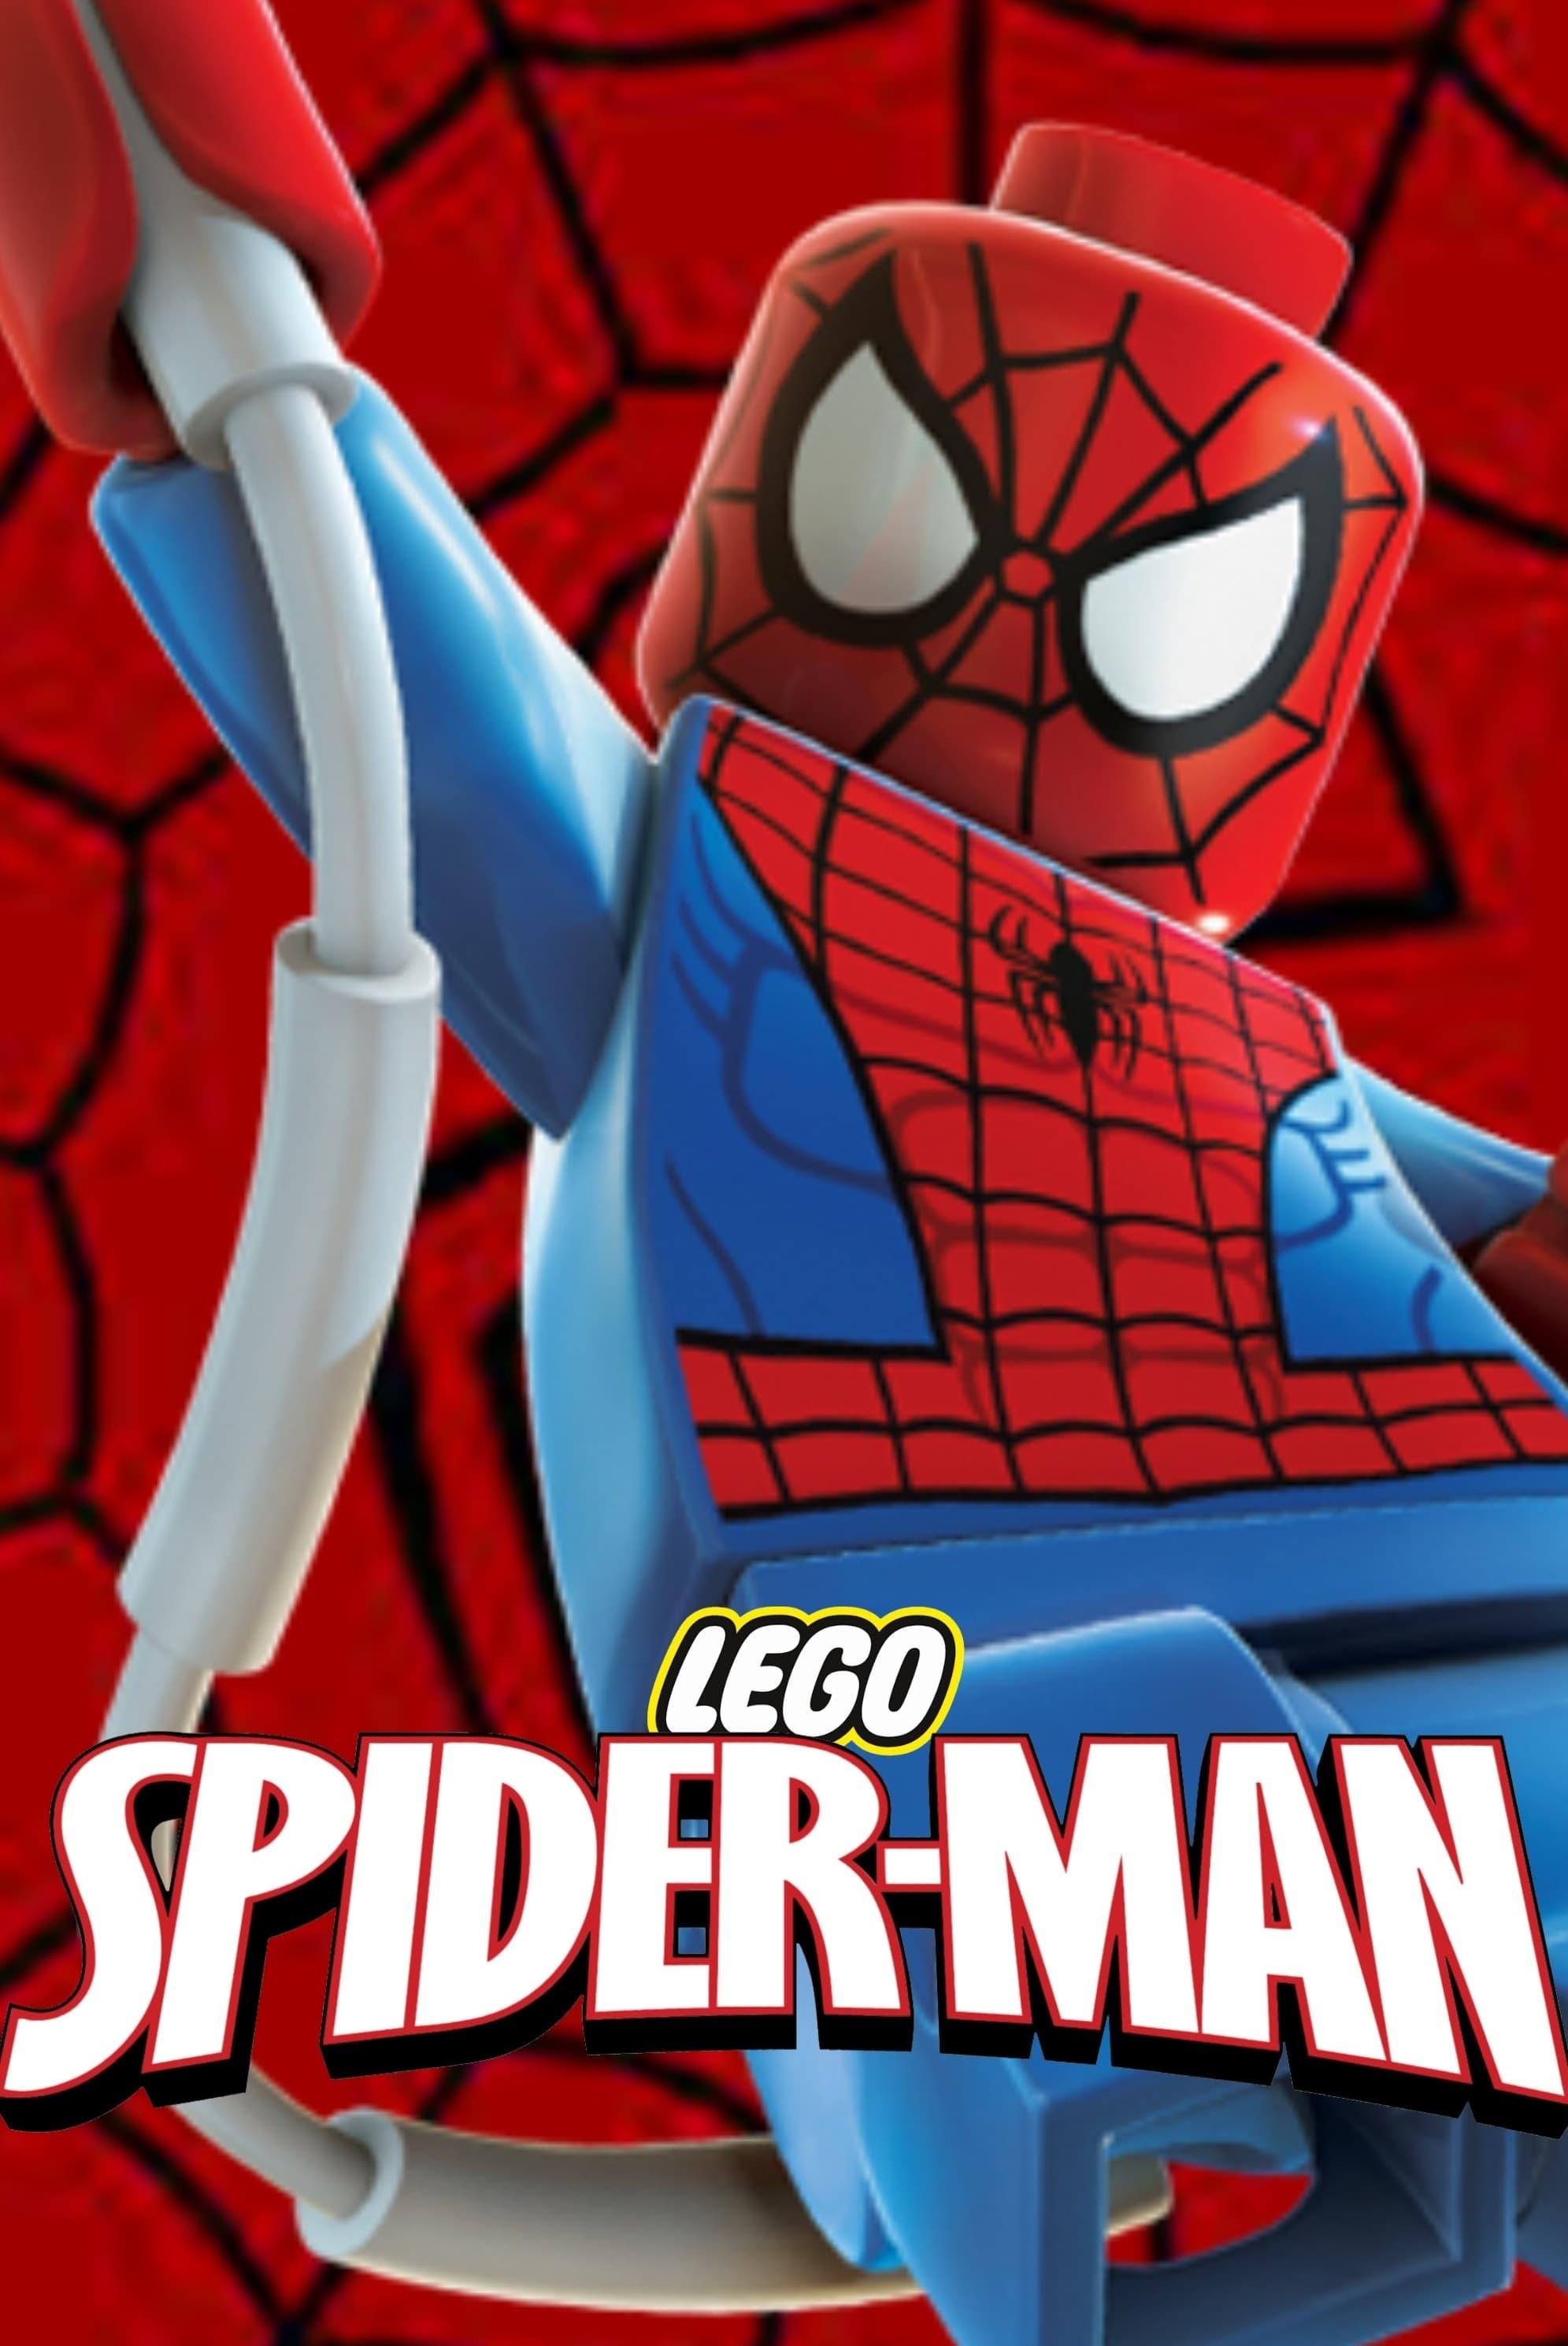 Lego Spider-Man Series (2017)